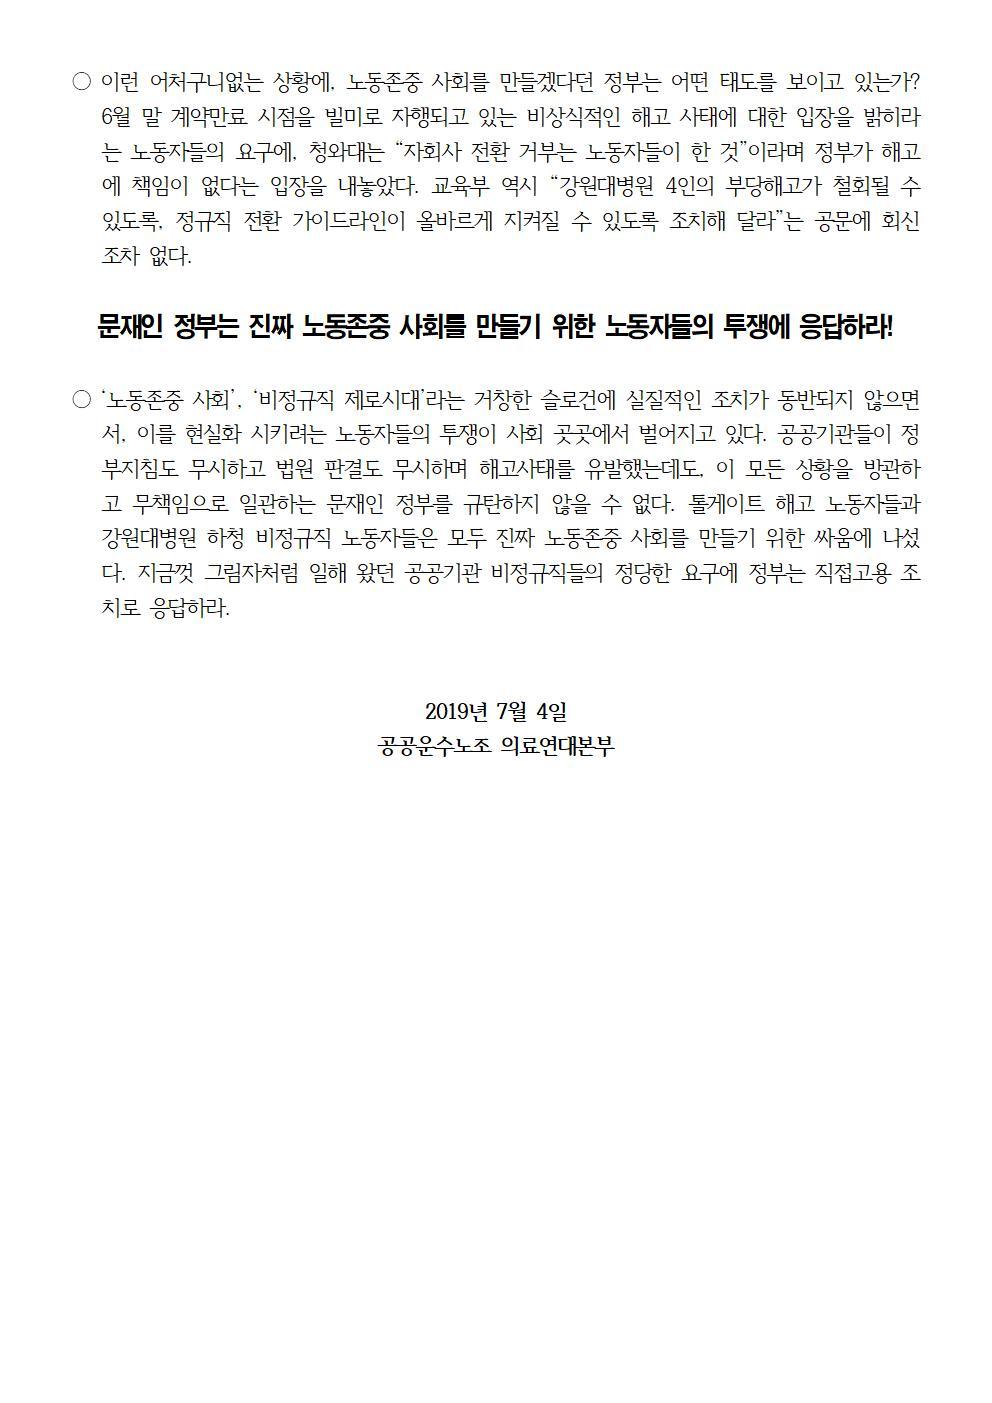 190704_강원대병원과 톨게이트 해고 노동자들의 투쟁은 정당하다!002.jpg